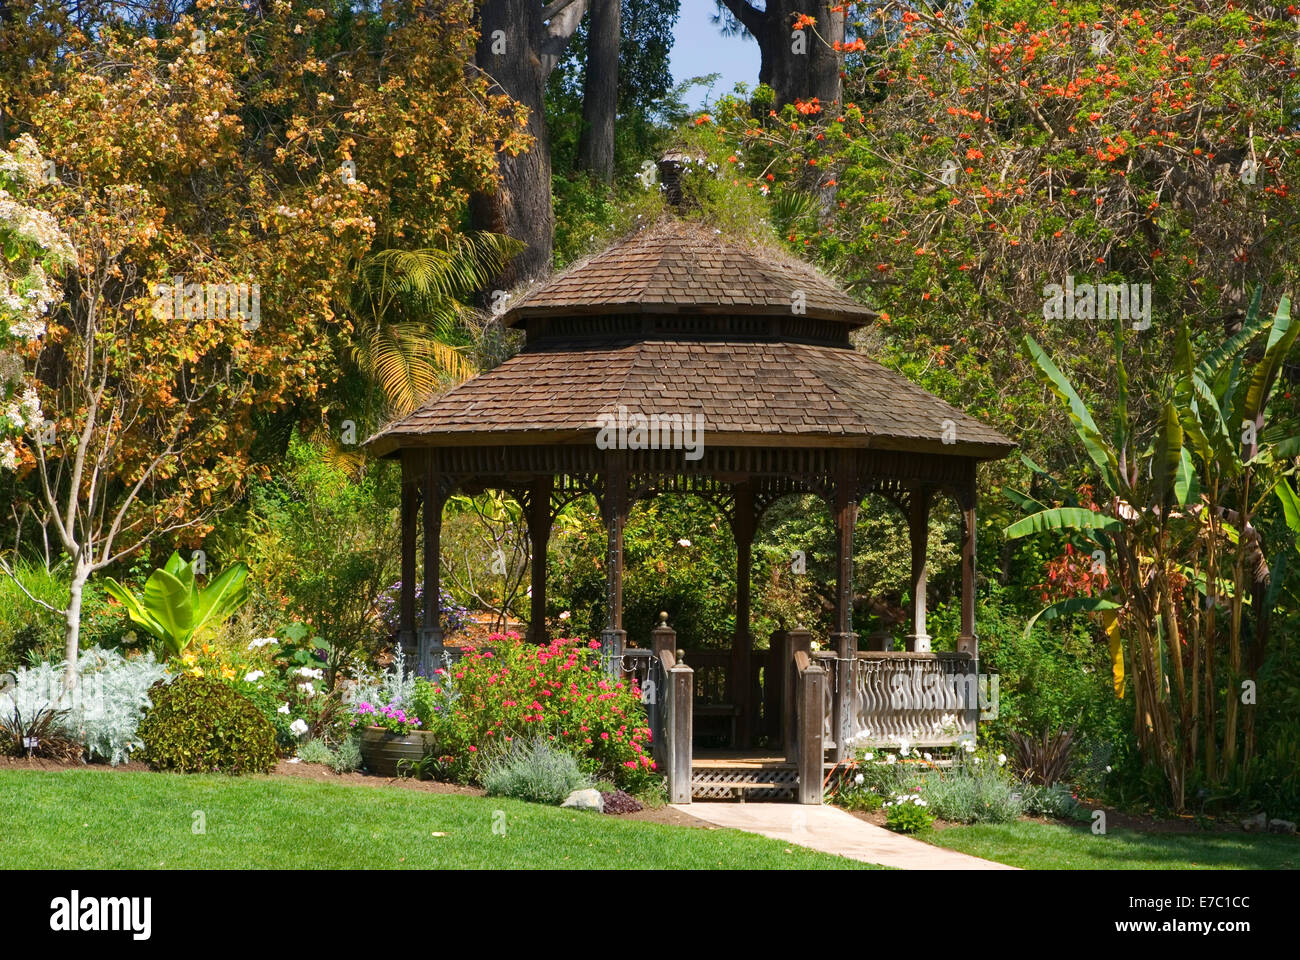 Gazebo, San Diego Botanic Garden, California Stock Photo: 73408620 ...